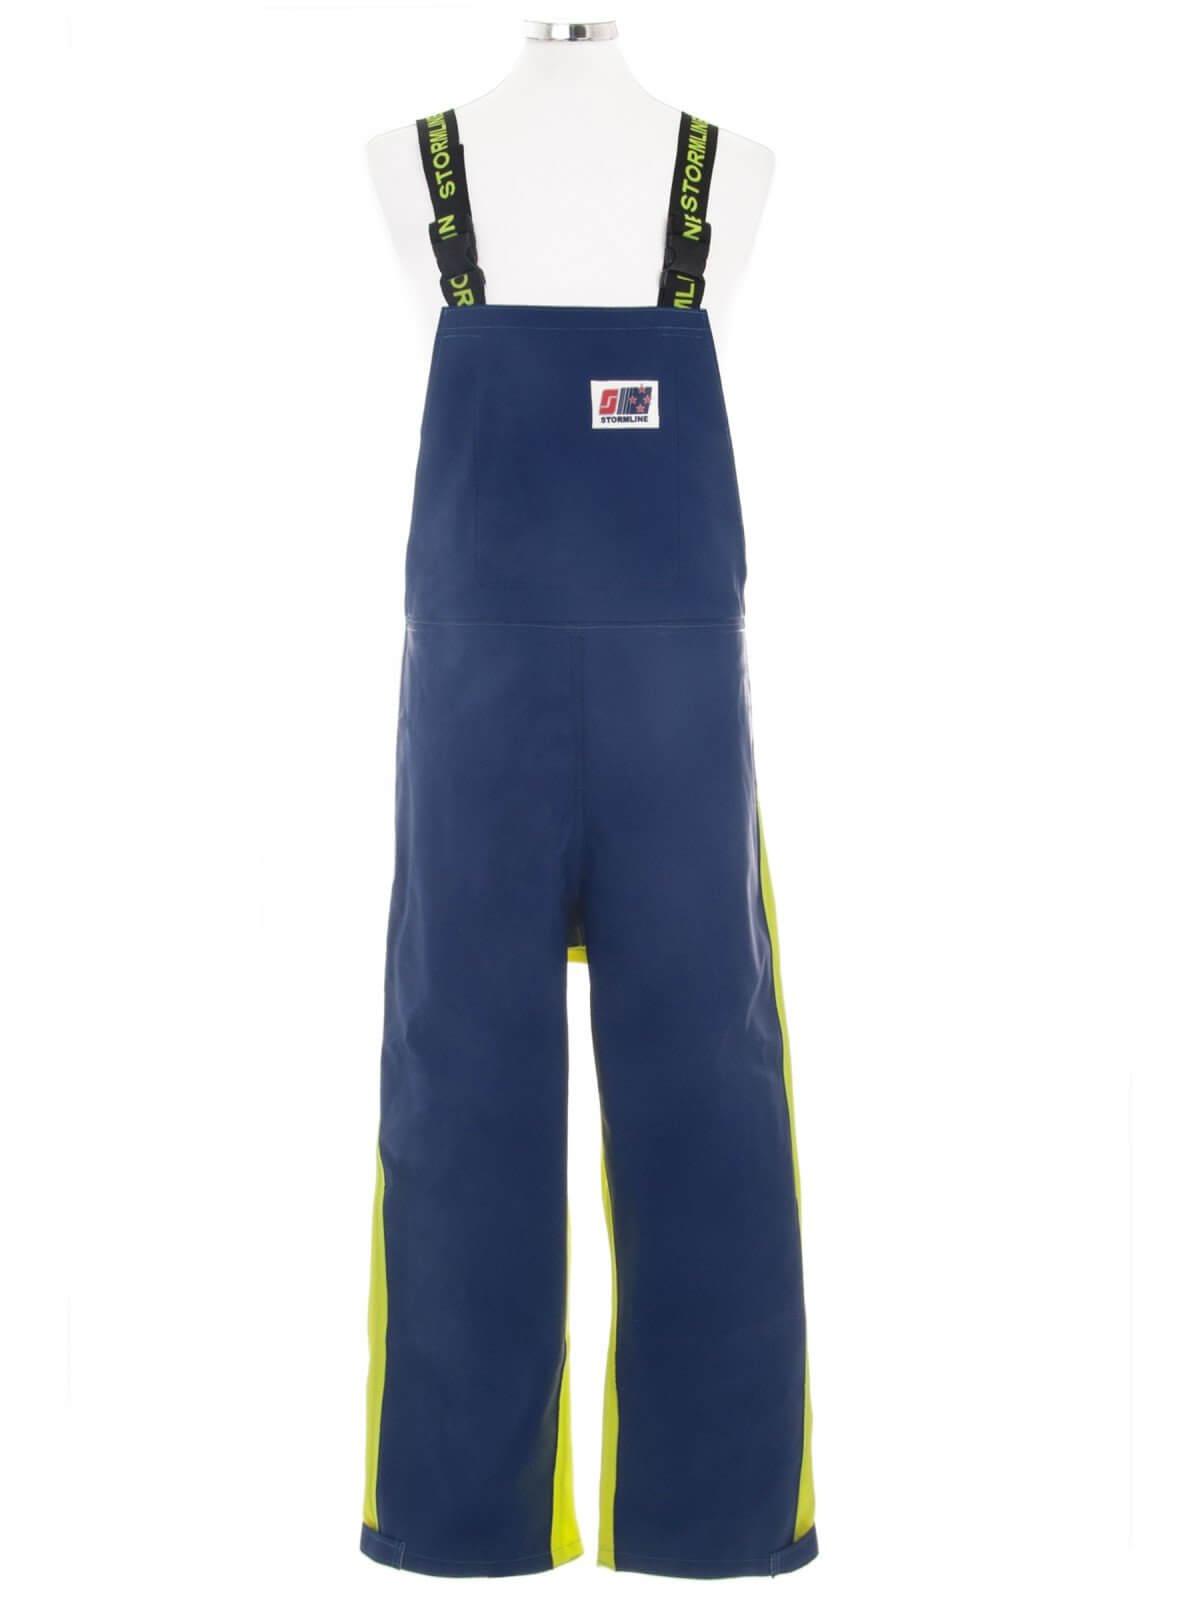 crew 655 675 heavy duty fishing foul weather gear pants